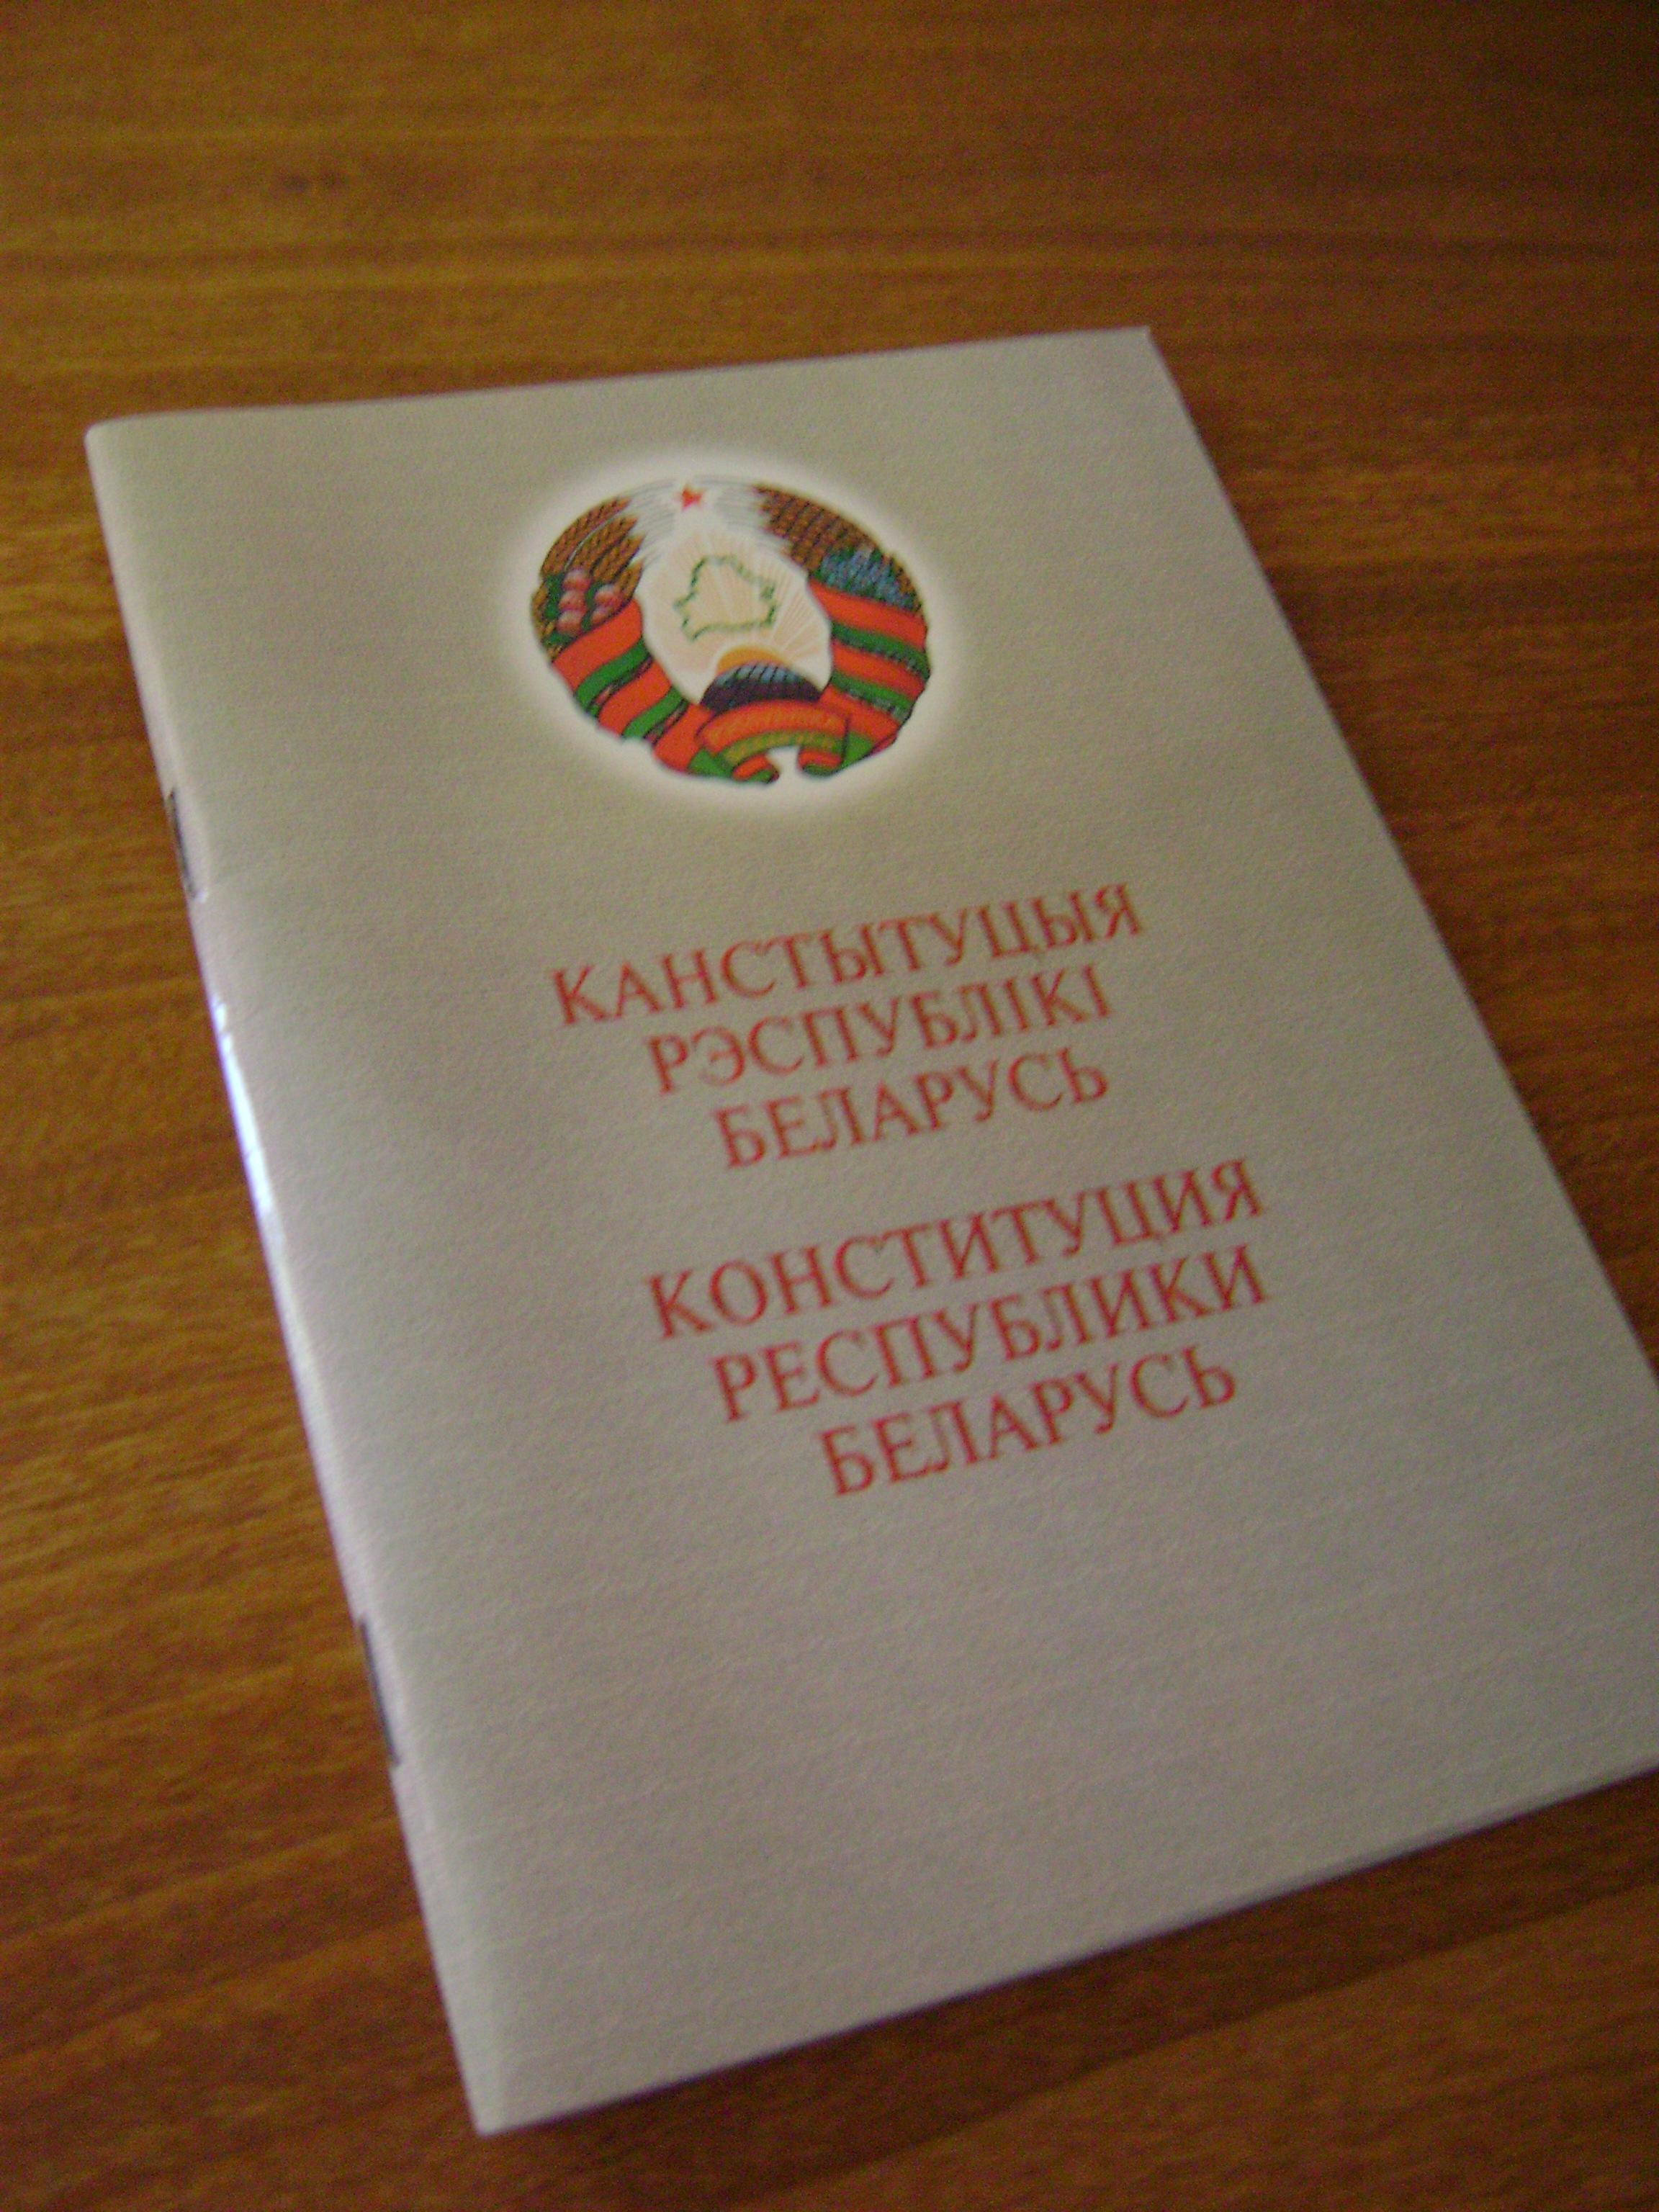 Доклад о конституции беларуси 4887